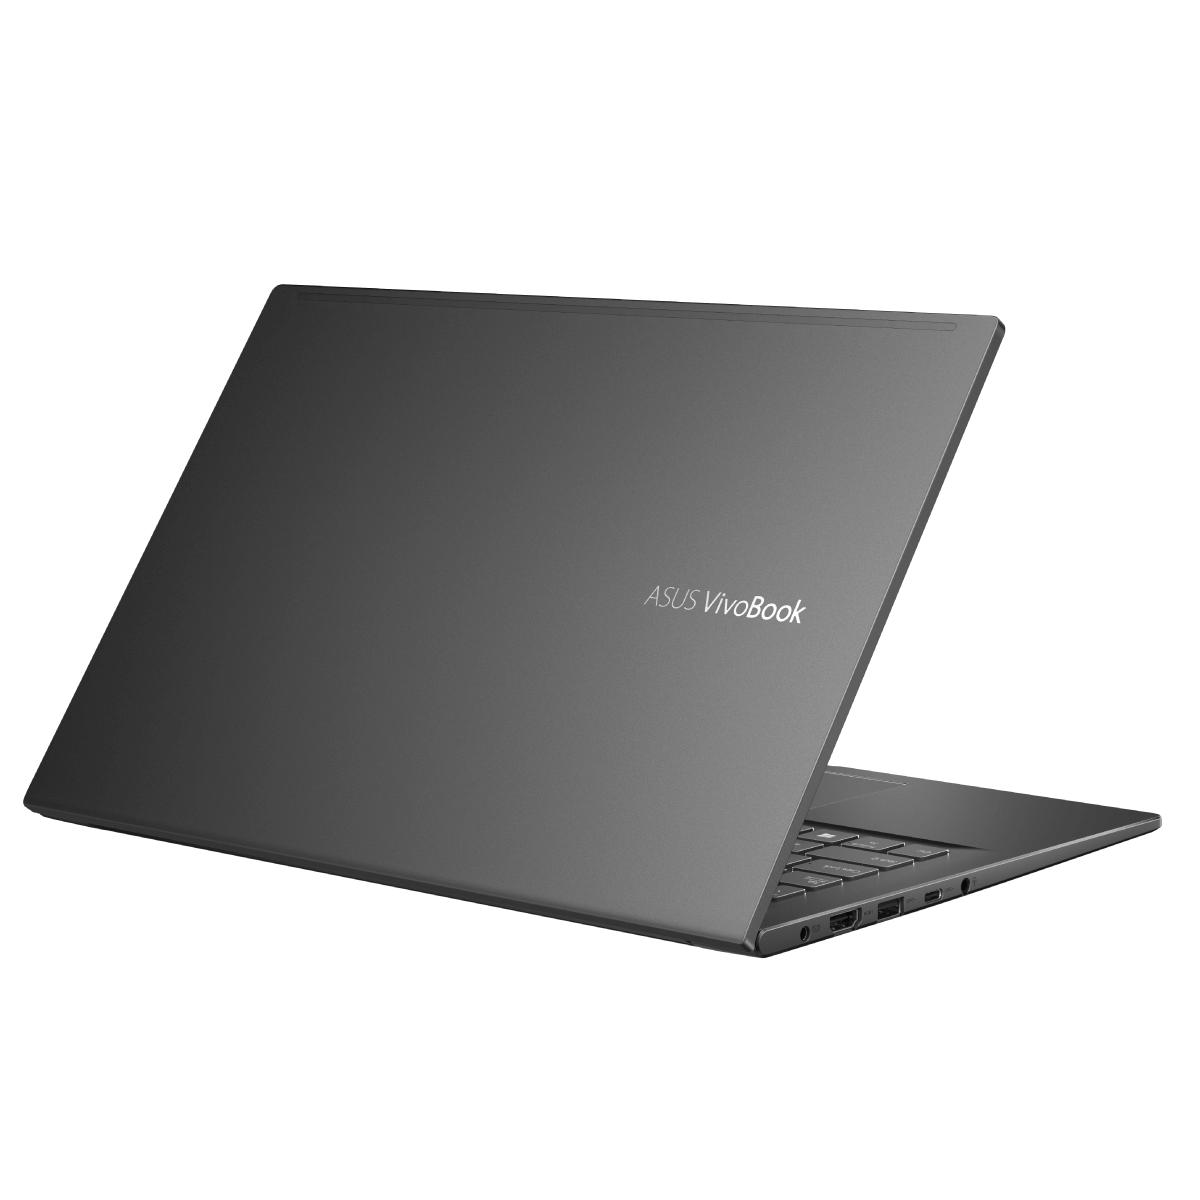 ASUS VivoBook 14 - S14 (i7, Indie Black)